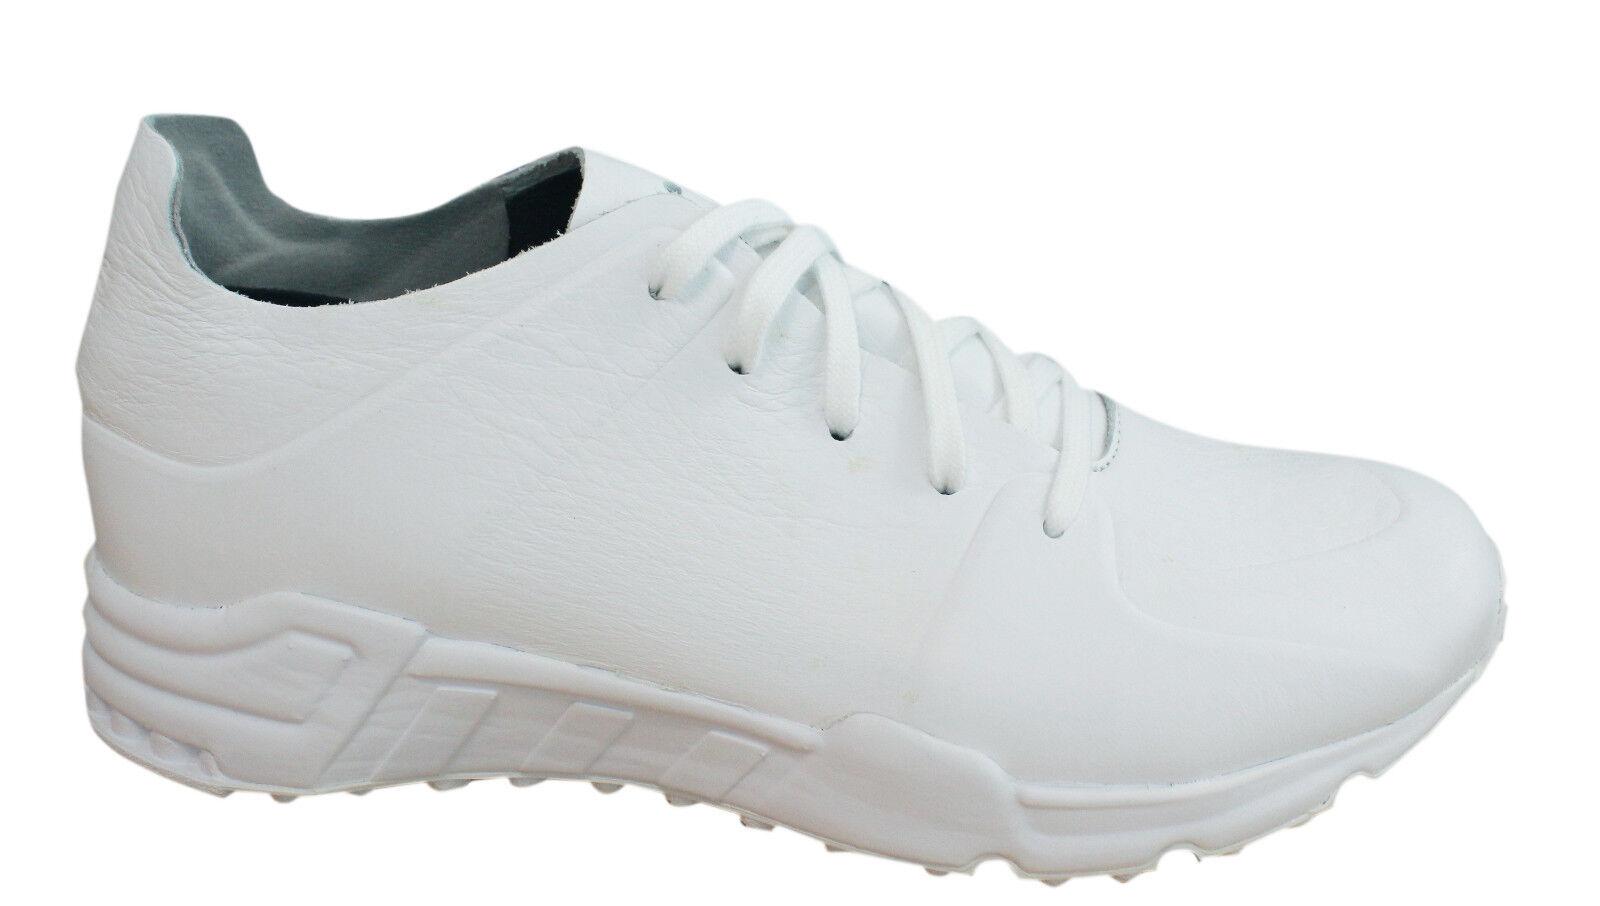 Adidas donne originali attrezzature sostegno 93 nuude donne Adidas formatori bianco s76702 m17 520098